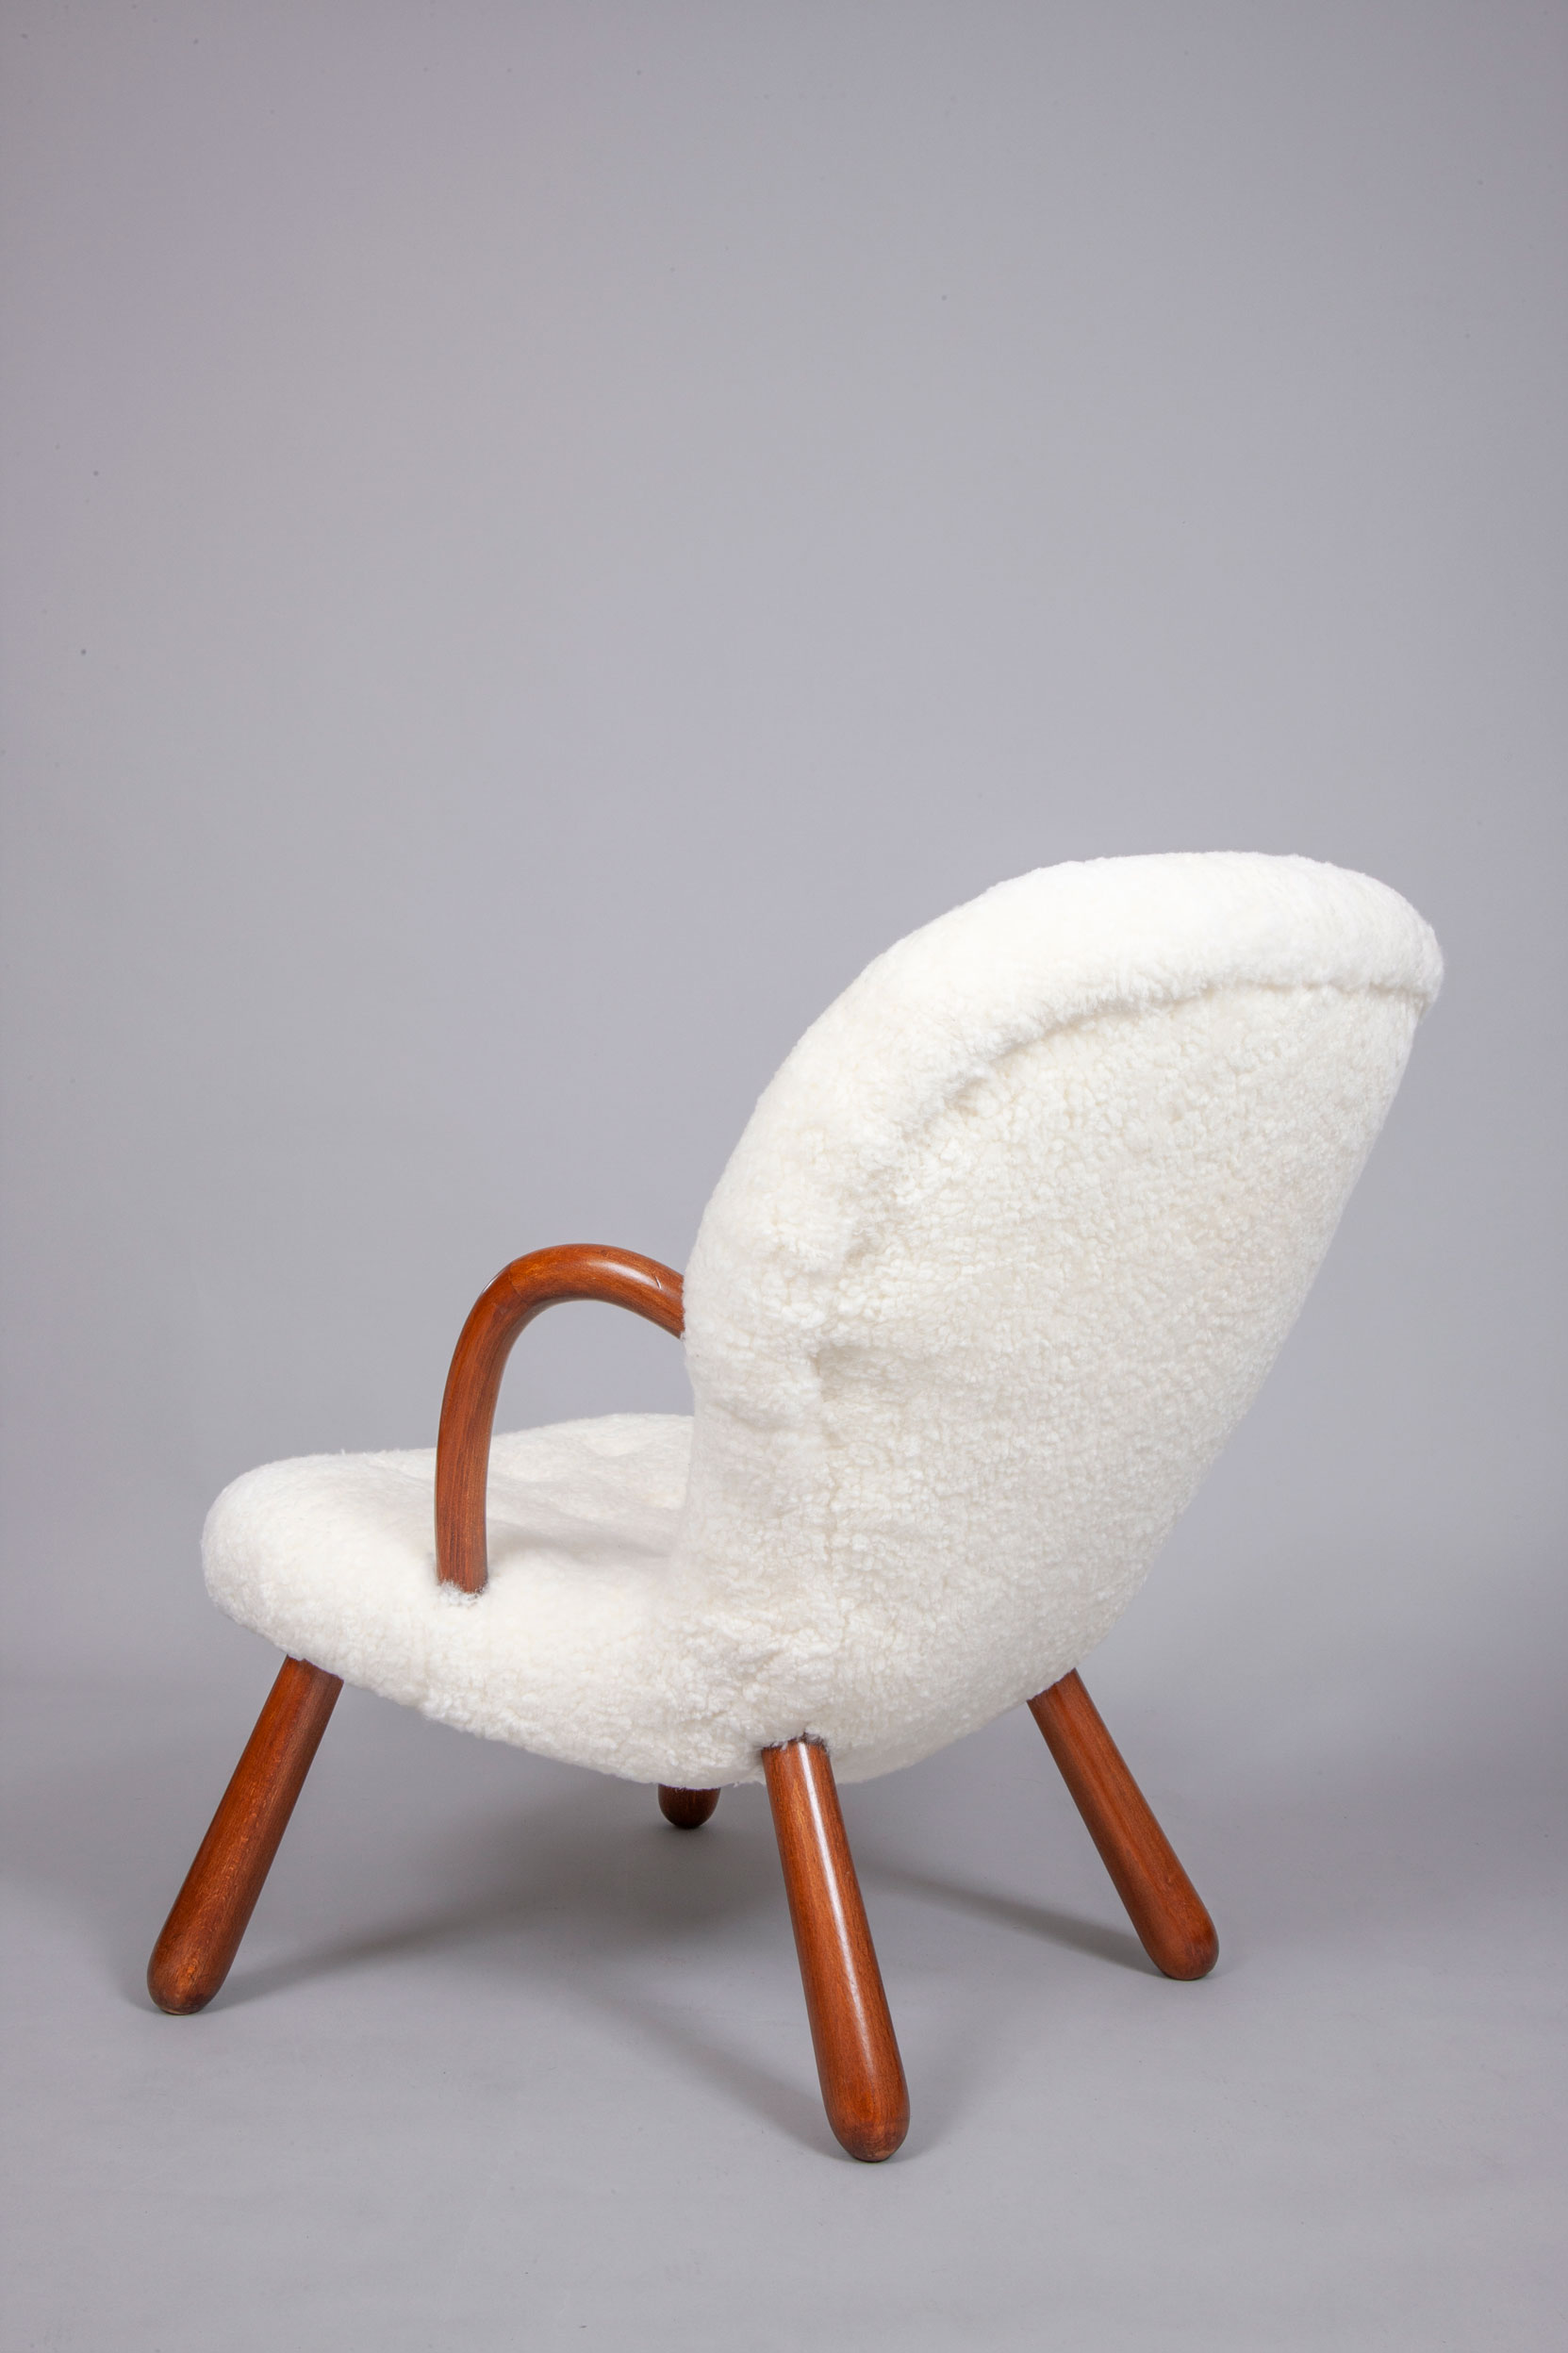 Philip-Arctander-clam-chairs